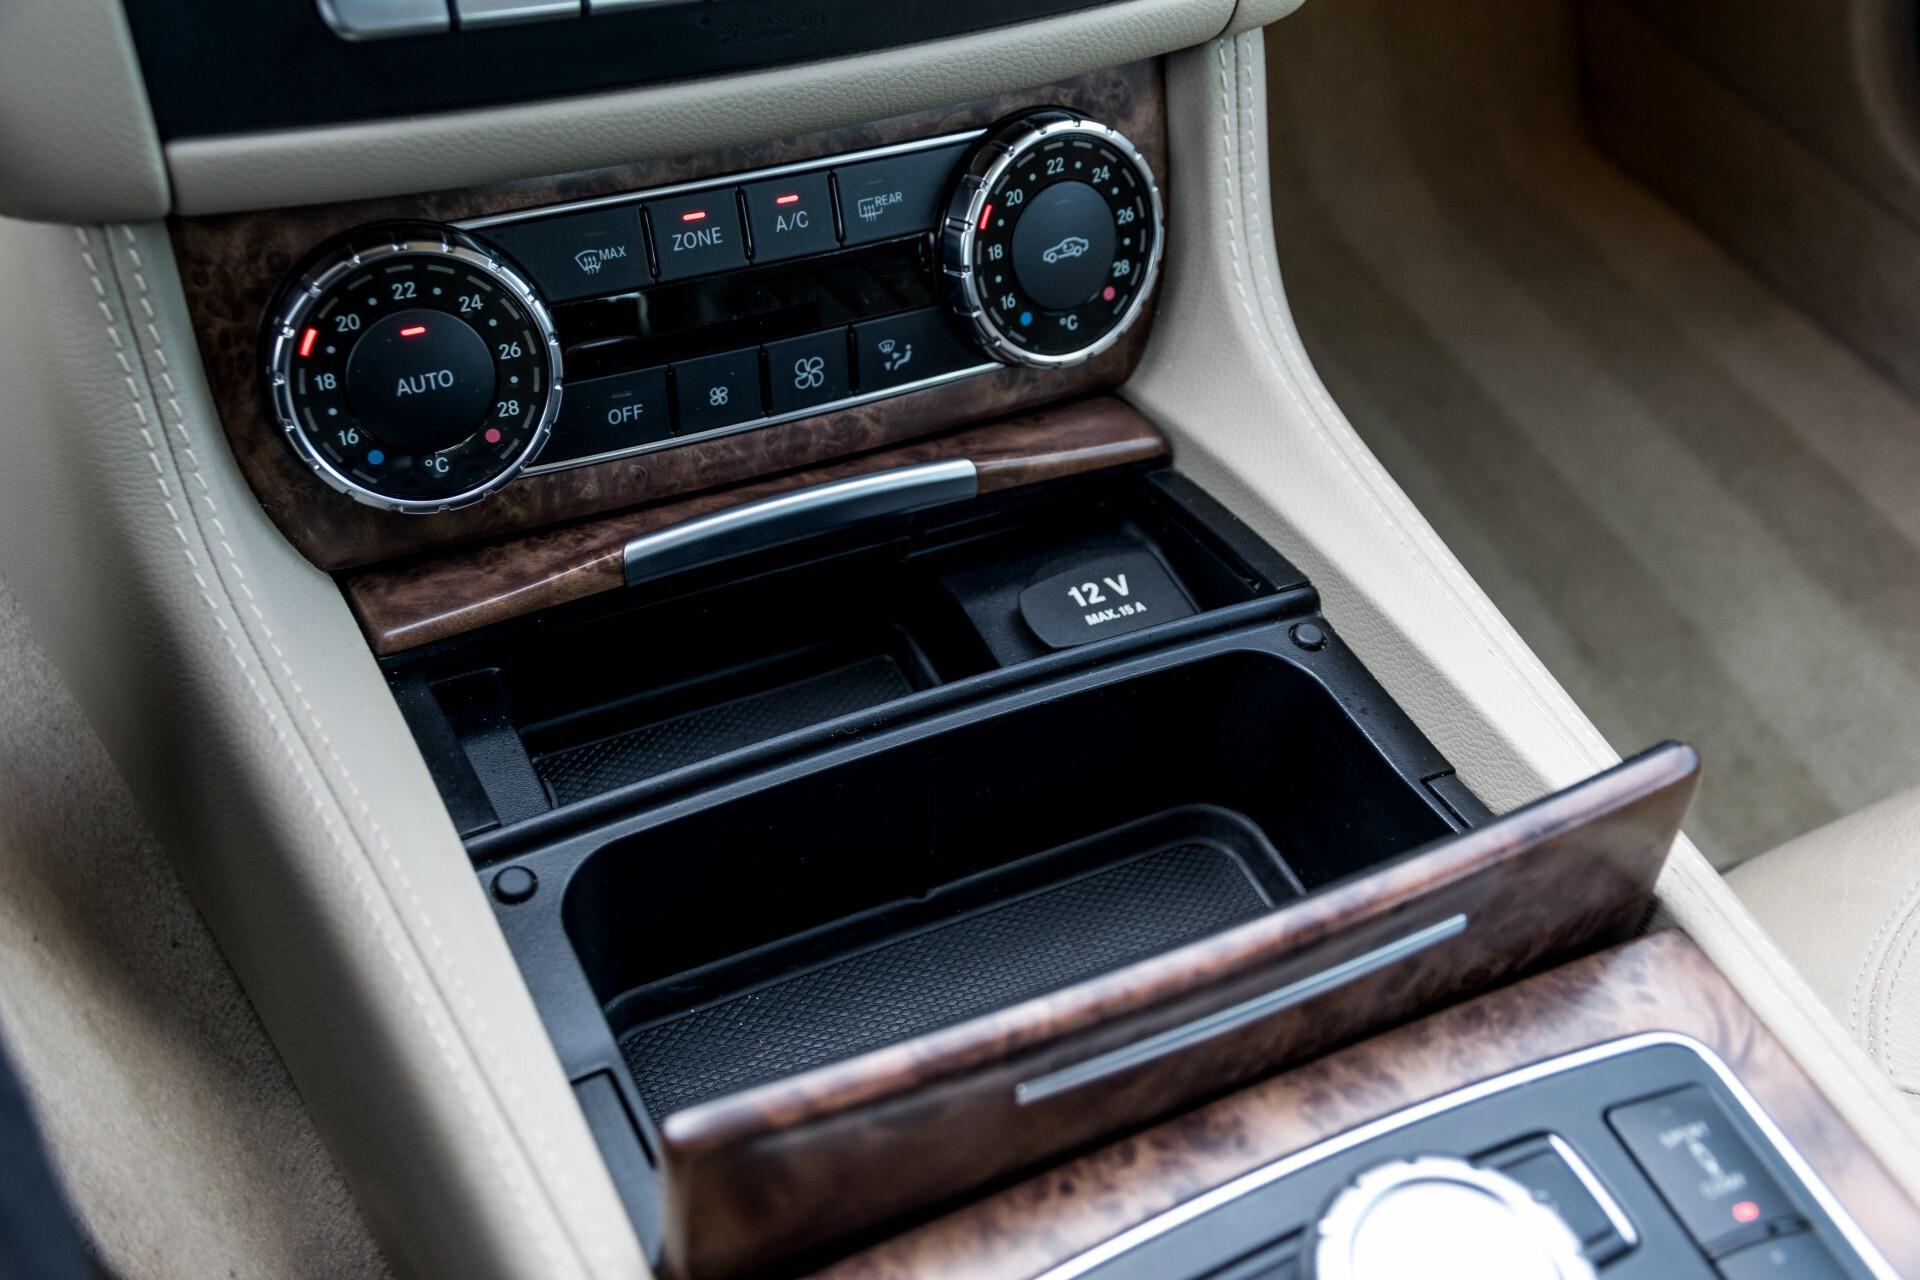 Mercedes-Benz CLS-Klasse 350 Cdi Luchtvering/Distronic/Nachtzicht/AMG/Comand/ILS Aut7 Foto 33